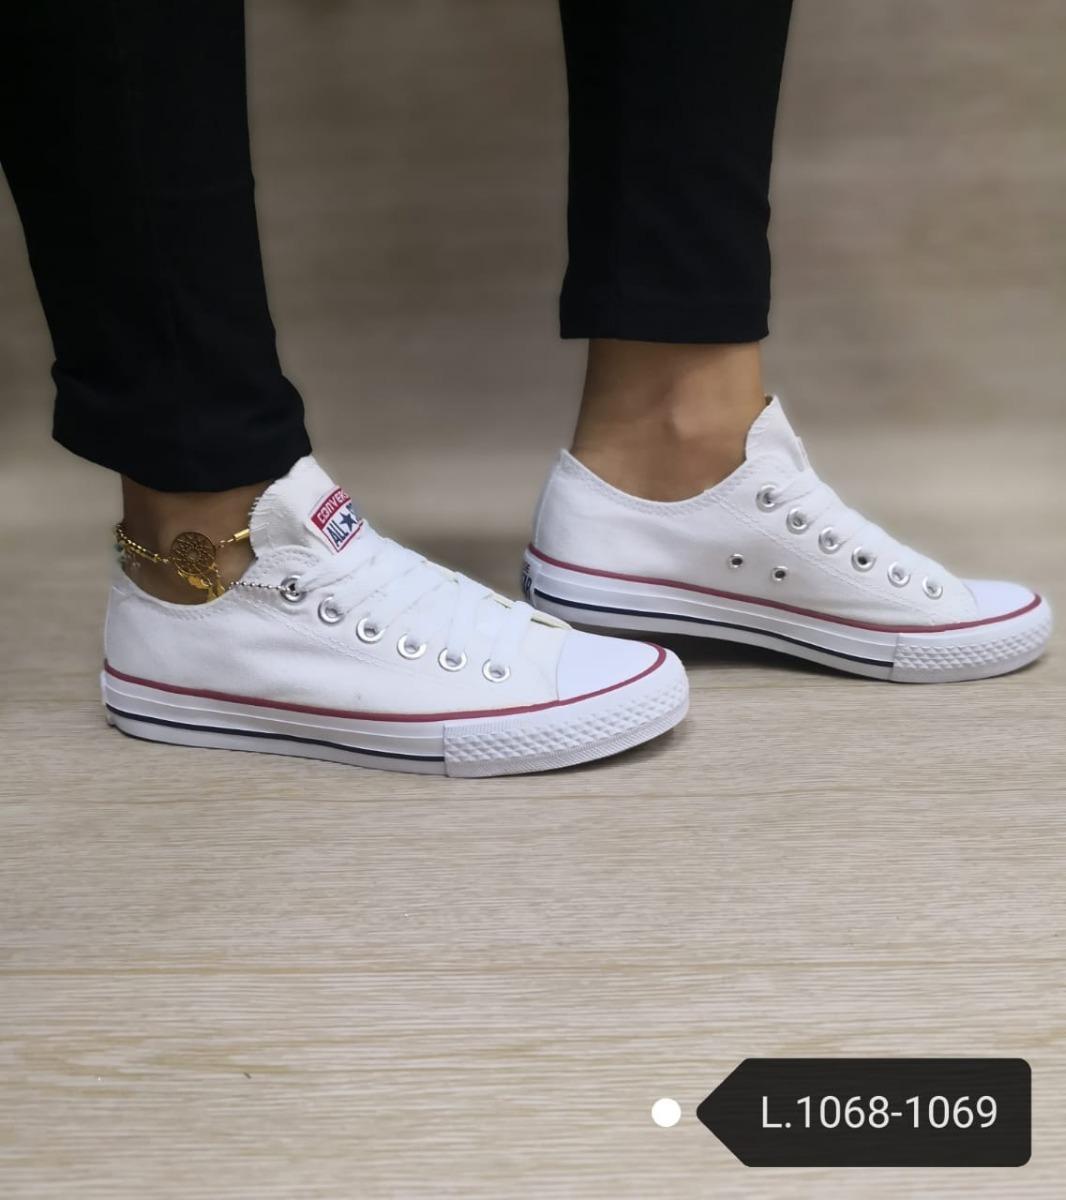 d84452d299b8 zapatos zapatillas converse all star para hombre y mujer. Cargando zoom.